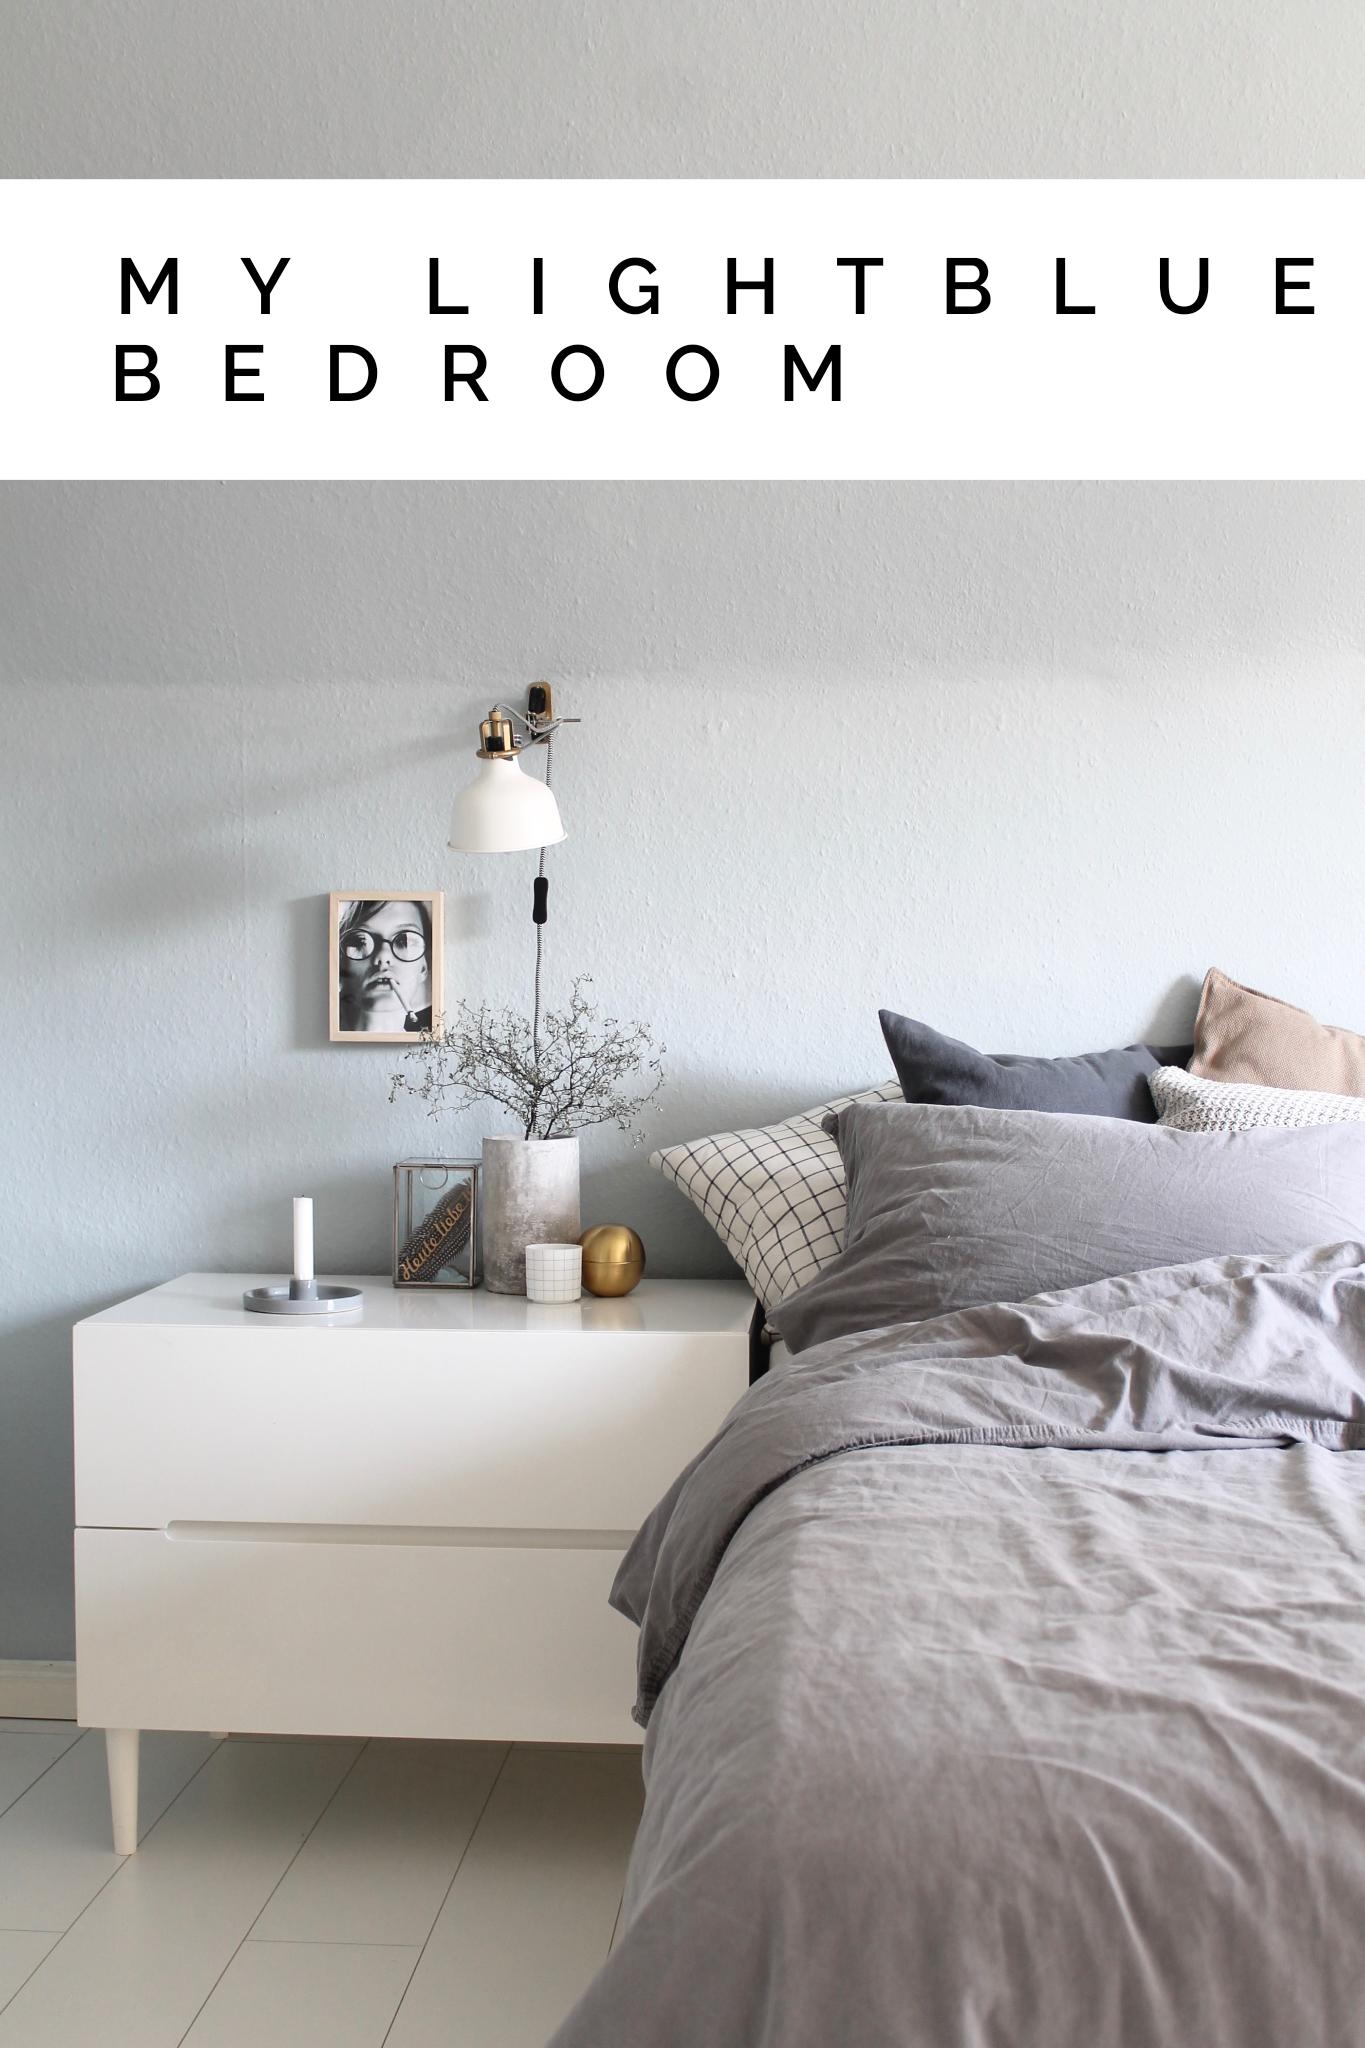 Wie Wunderbar Frisch So Ein Tolles Hellblau Im Schlafzimmer Wirken